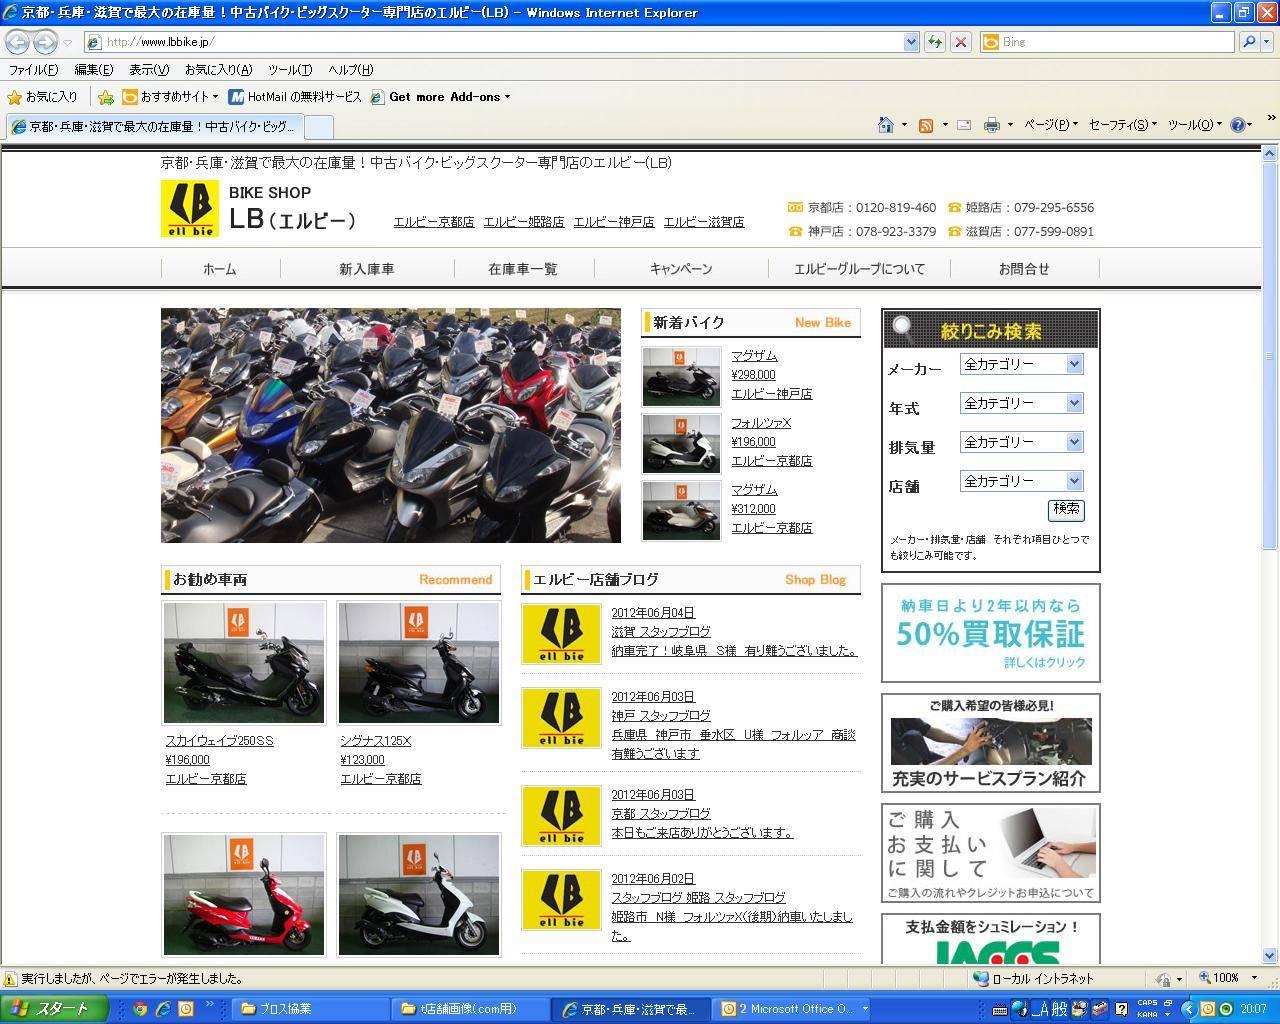 バイクショップLB(エルビー) 京都店